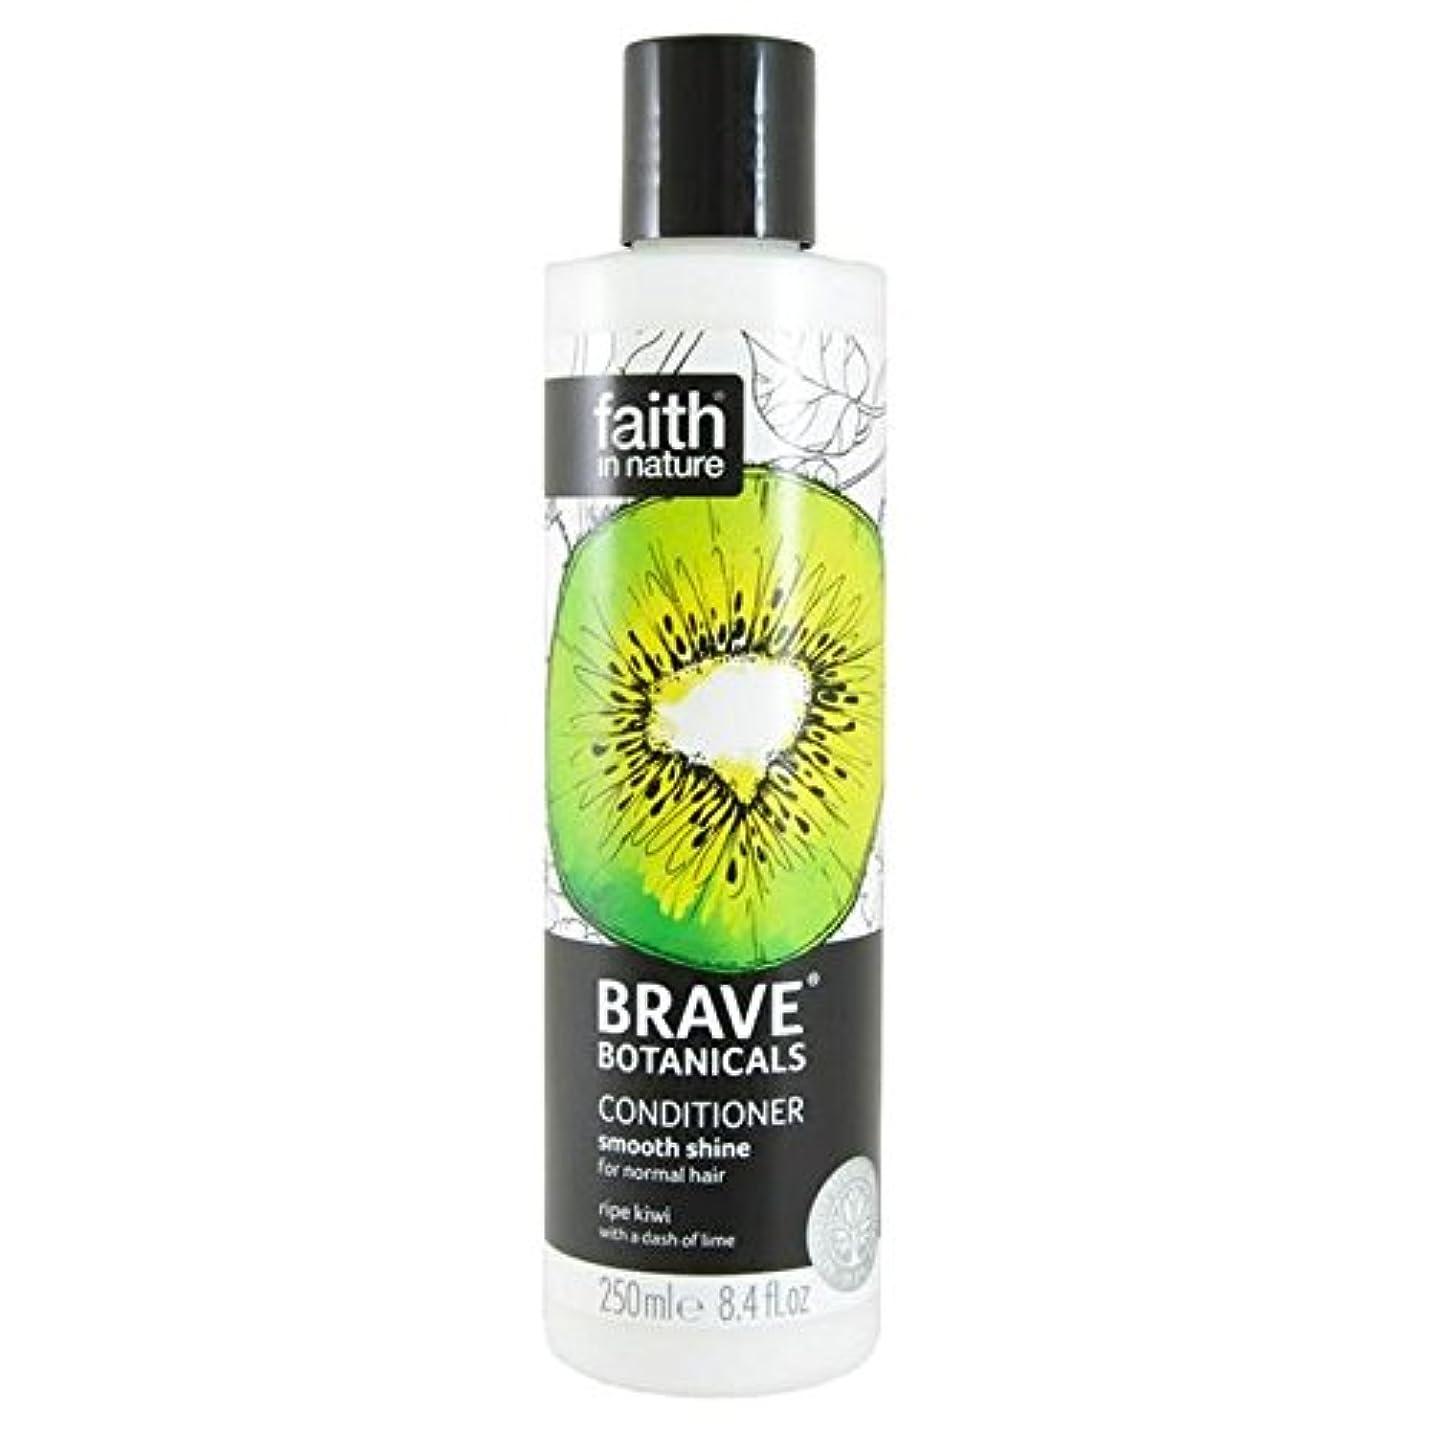 ラップトップディレクター小さなBrave Botanicals Kiwi & Lime Smooth Shine Conditioner 250ml (Pack of 4) - (Faith In Nature) 勇敢な植物キウイ&ライムなめらかな輝...